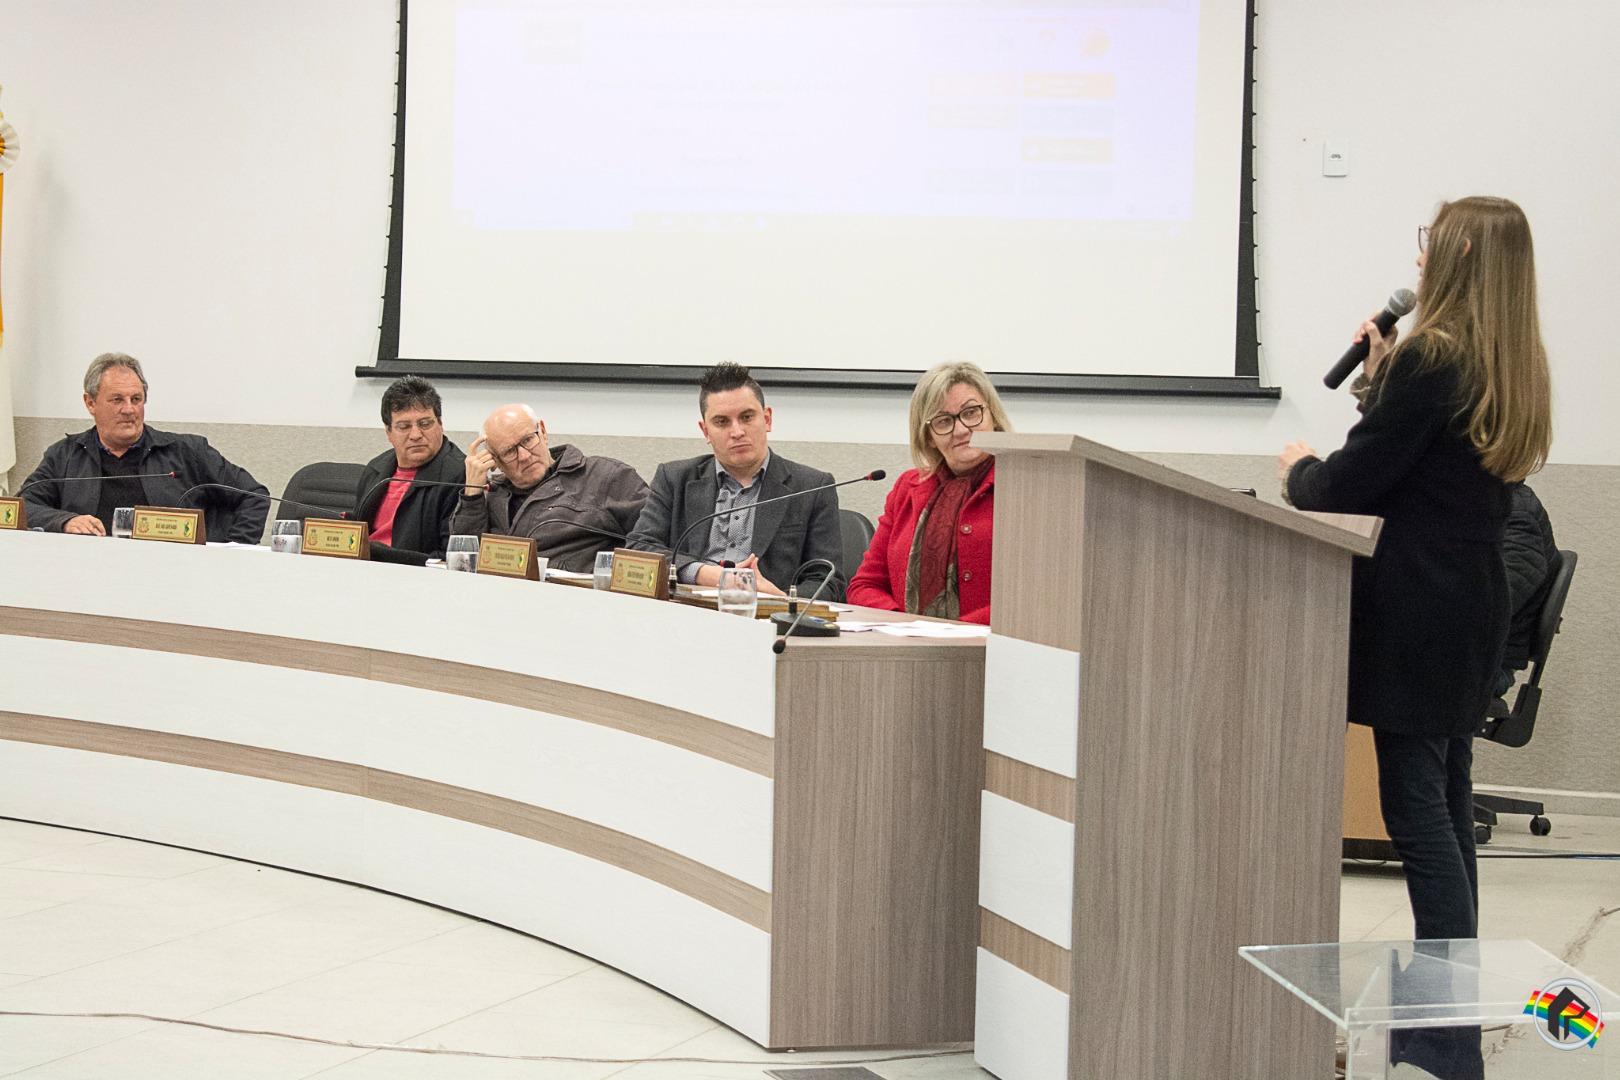 Câmara presta homenagem a vencedores de concurso de oratória